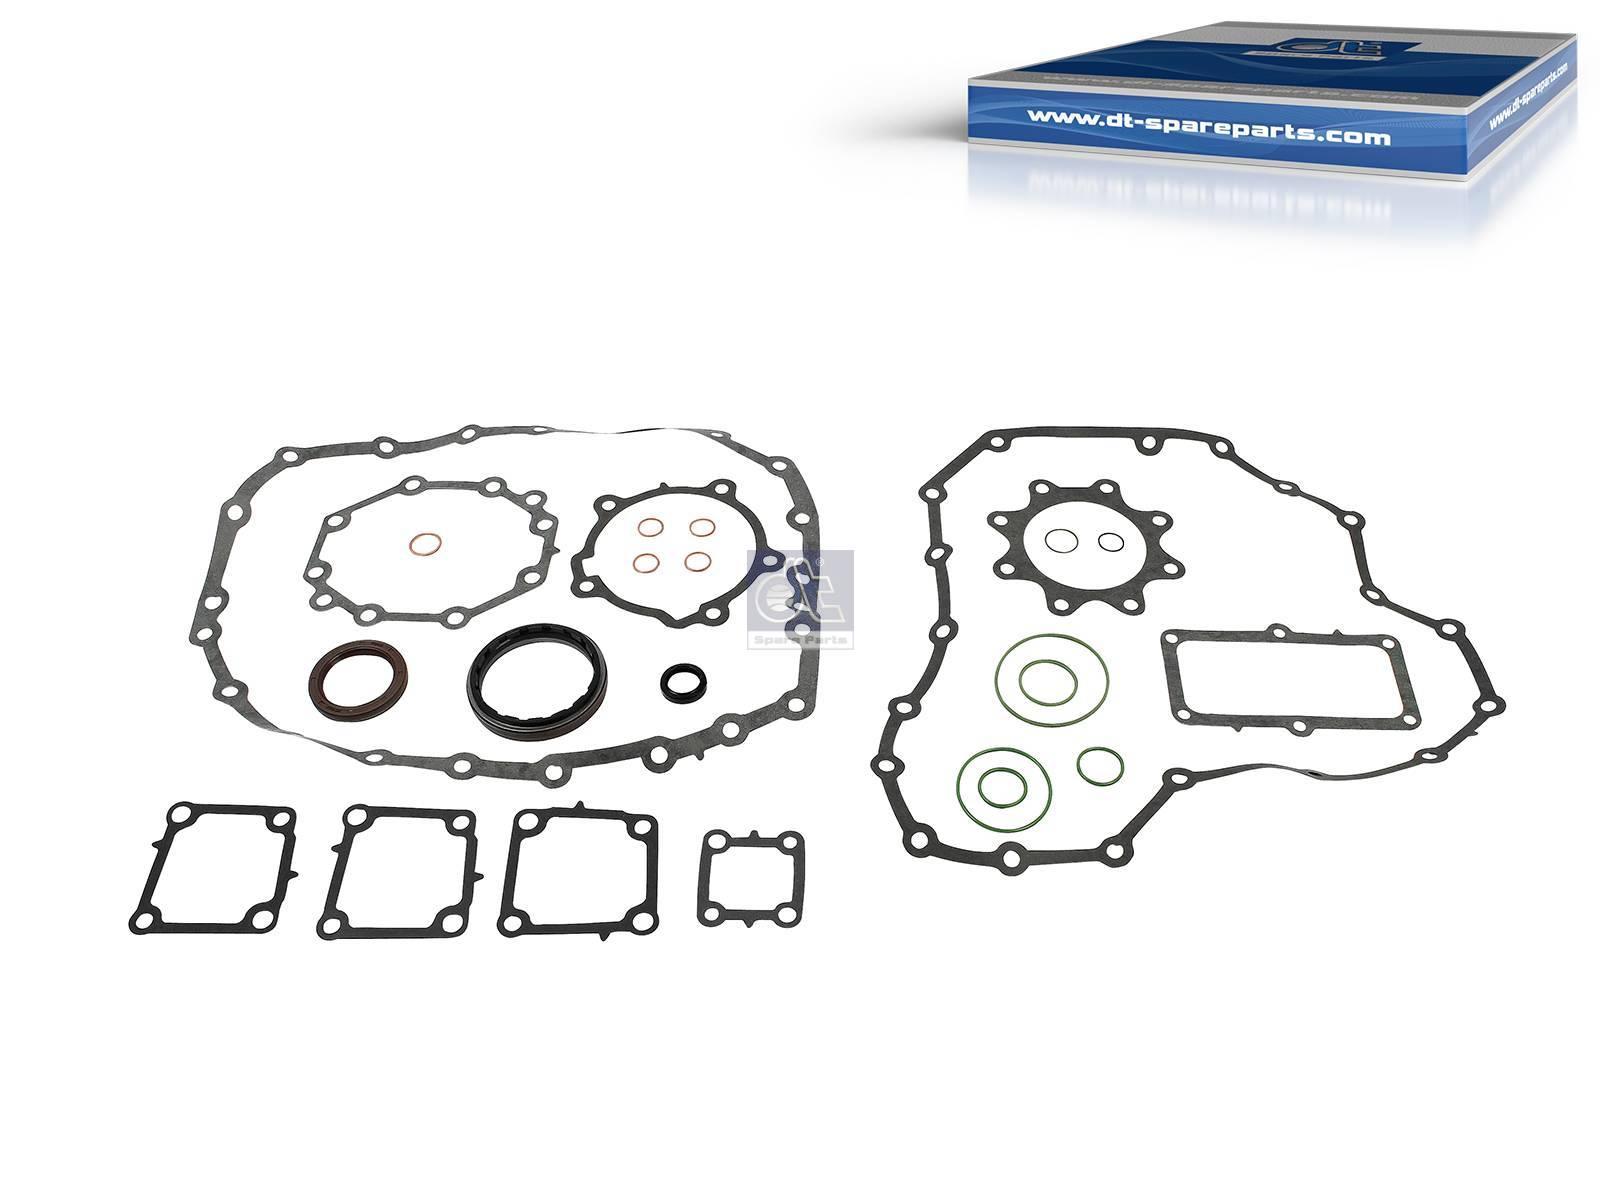 Gasket kit, gear shift housing